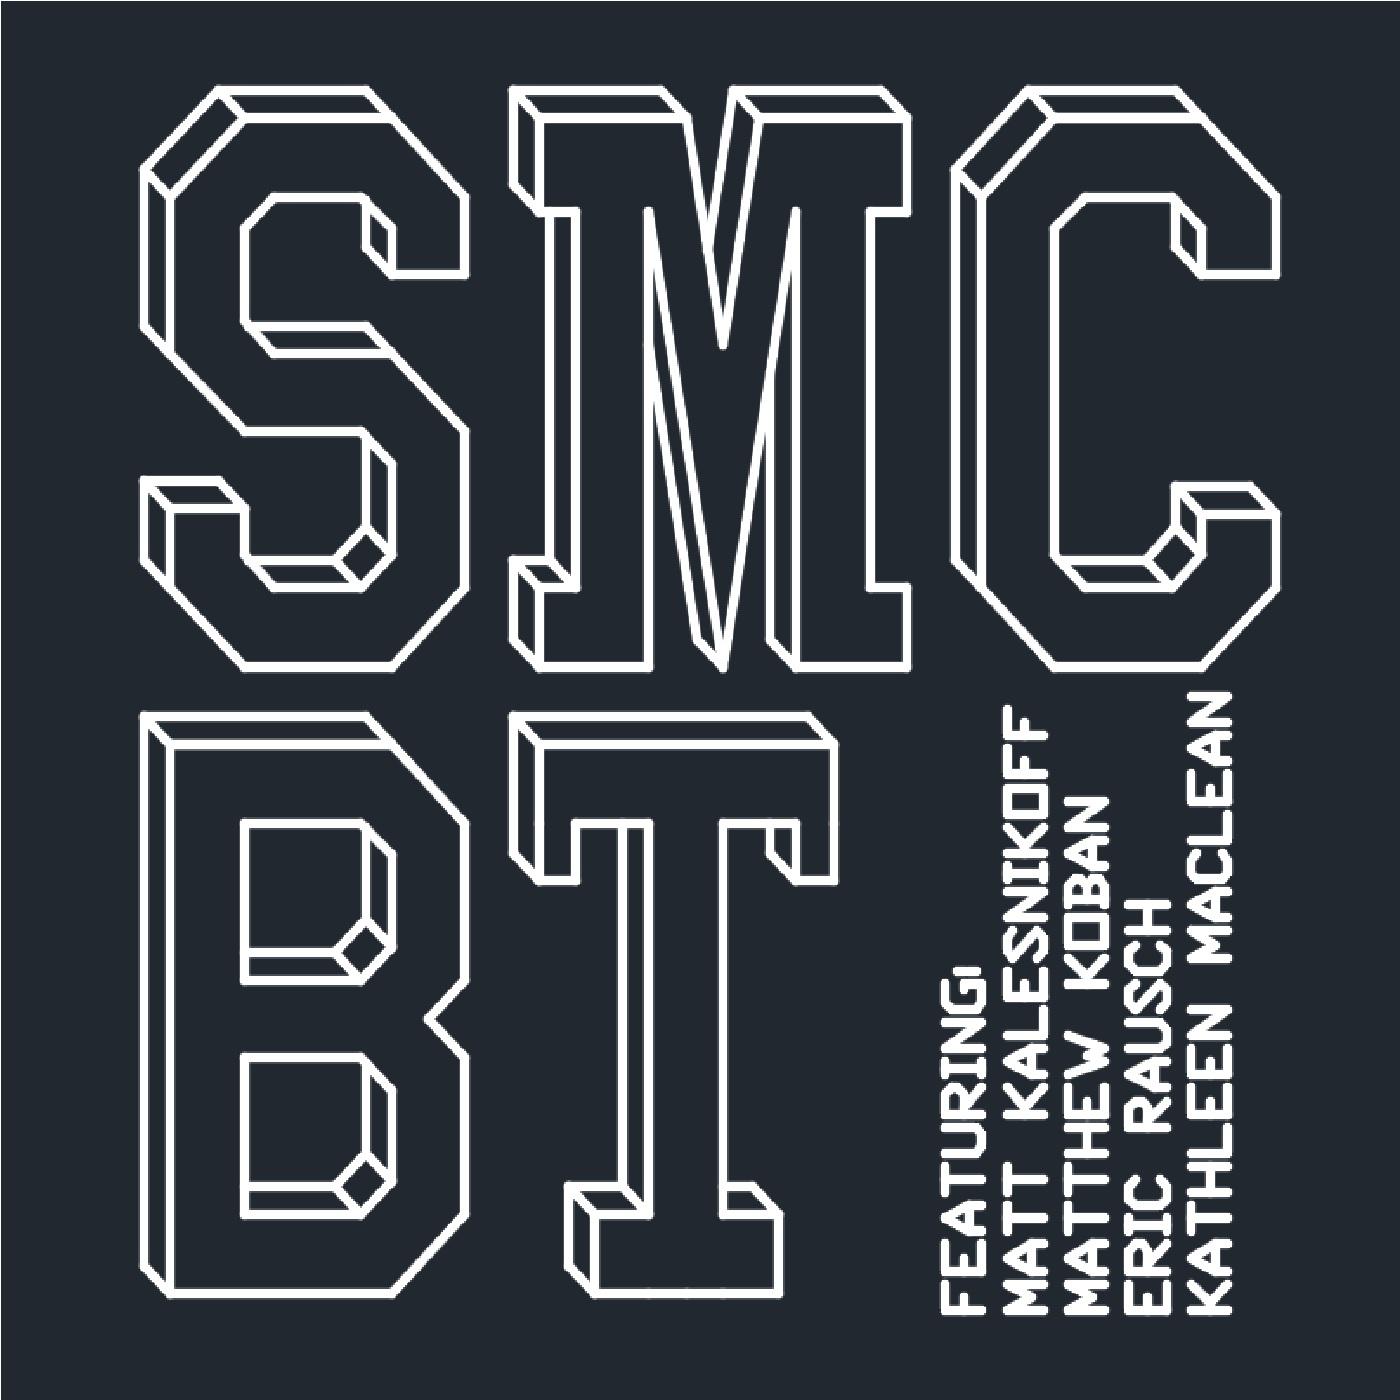 SMCBT Podcast